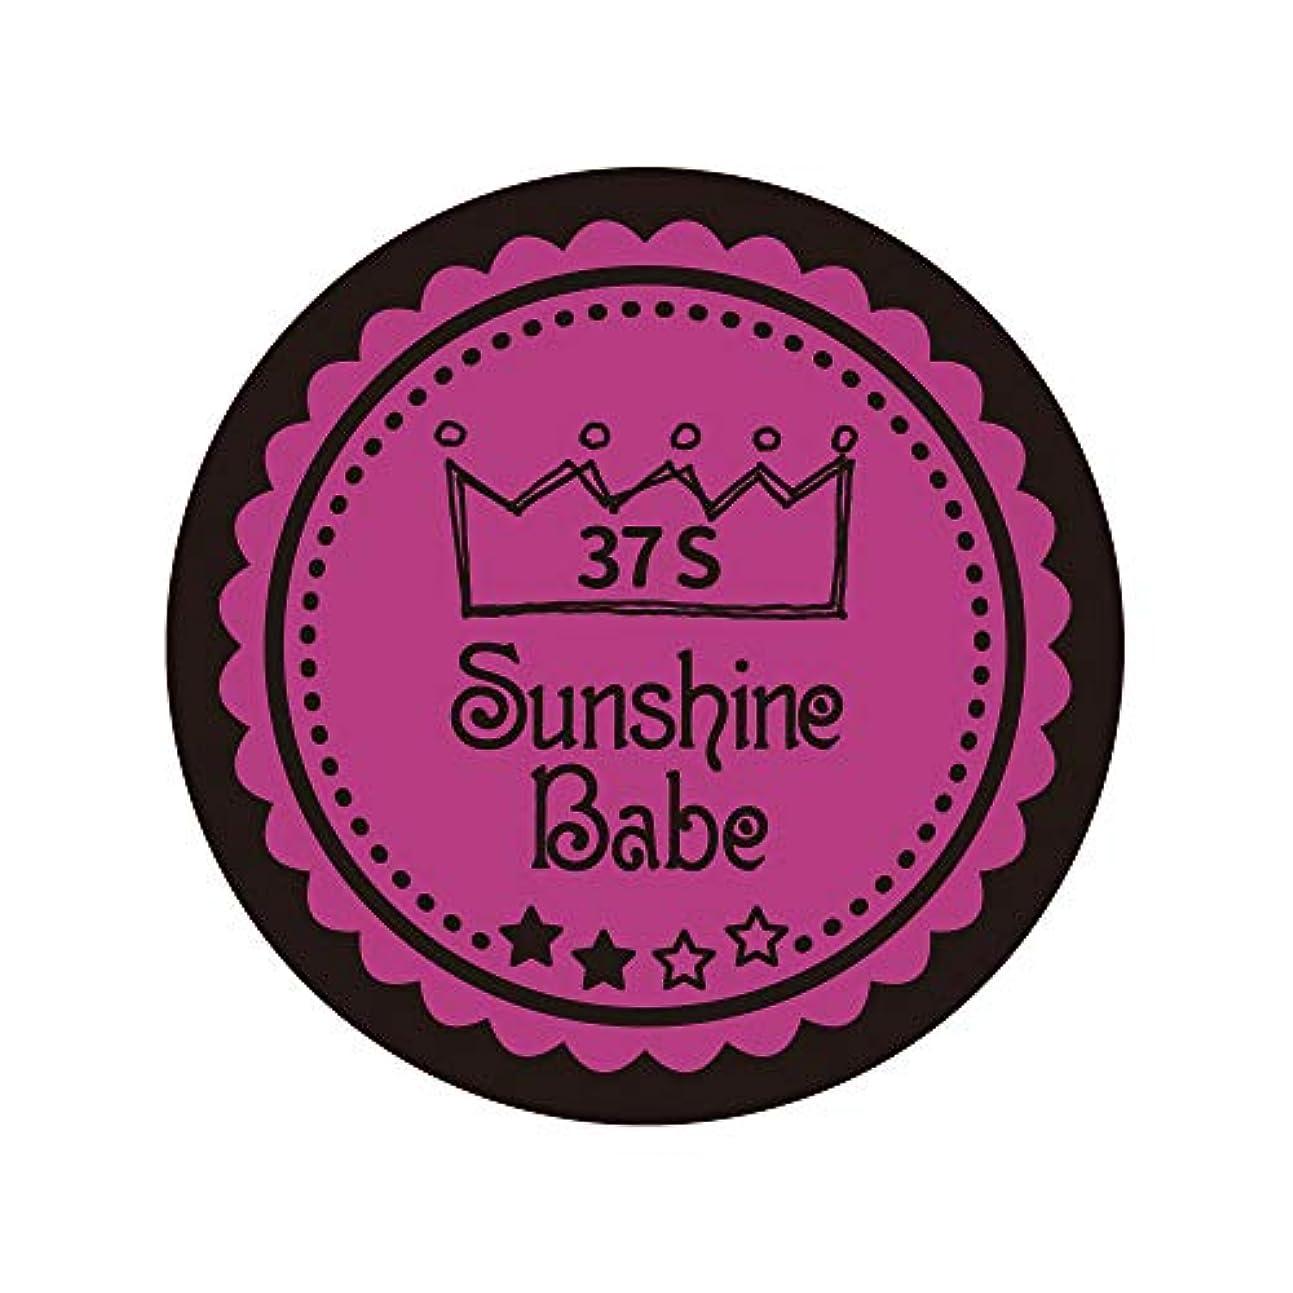 難民ぺディカブ雪Sunshine Babe カラージェル 37S フューシャピンク 4g UV/LED対応